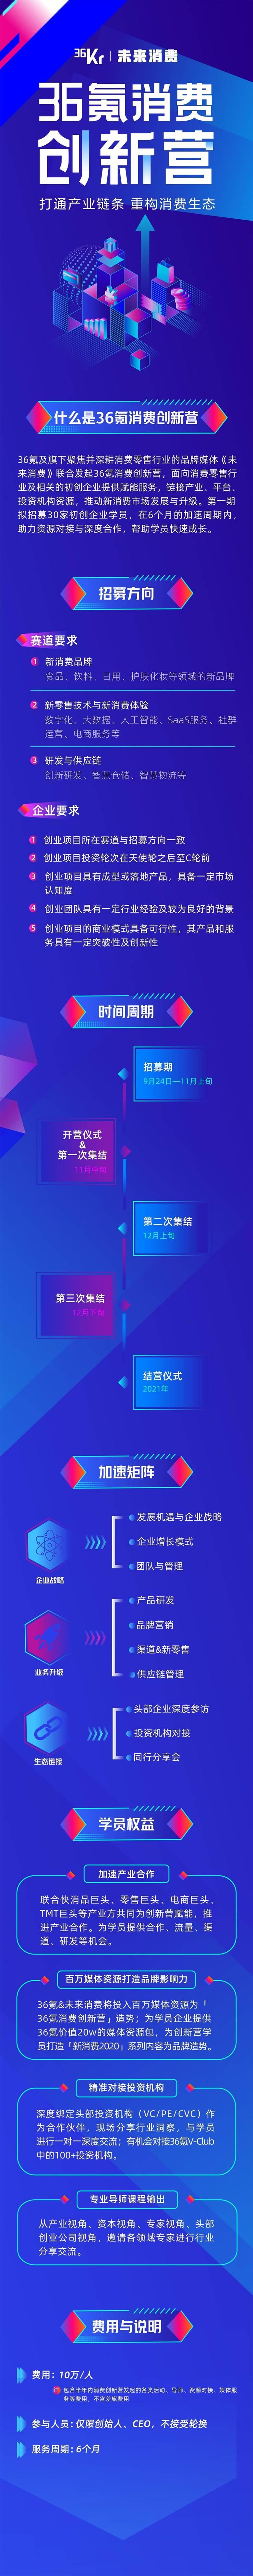 36氪消费创新营-内容海报.jpg